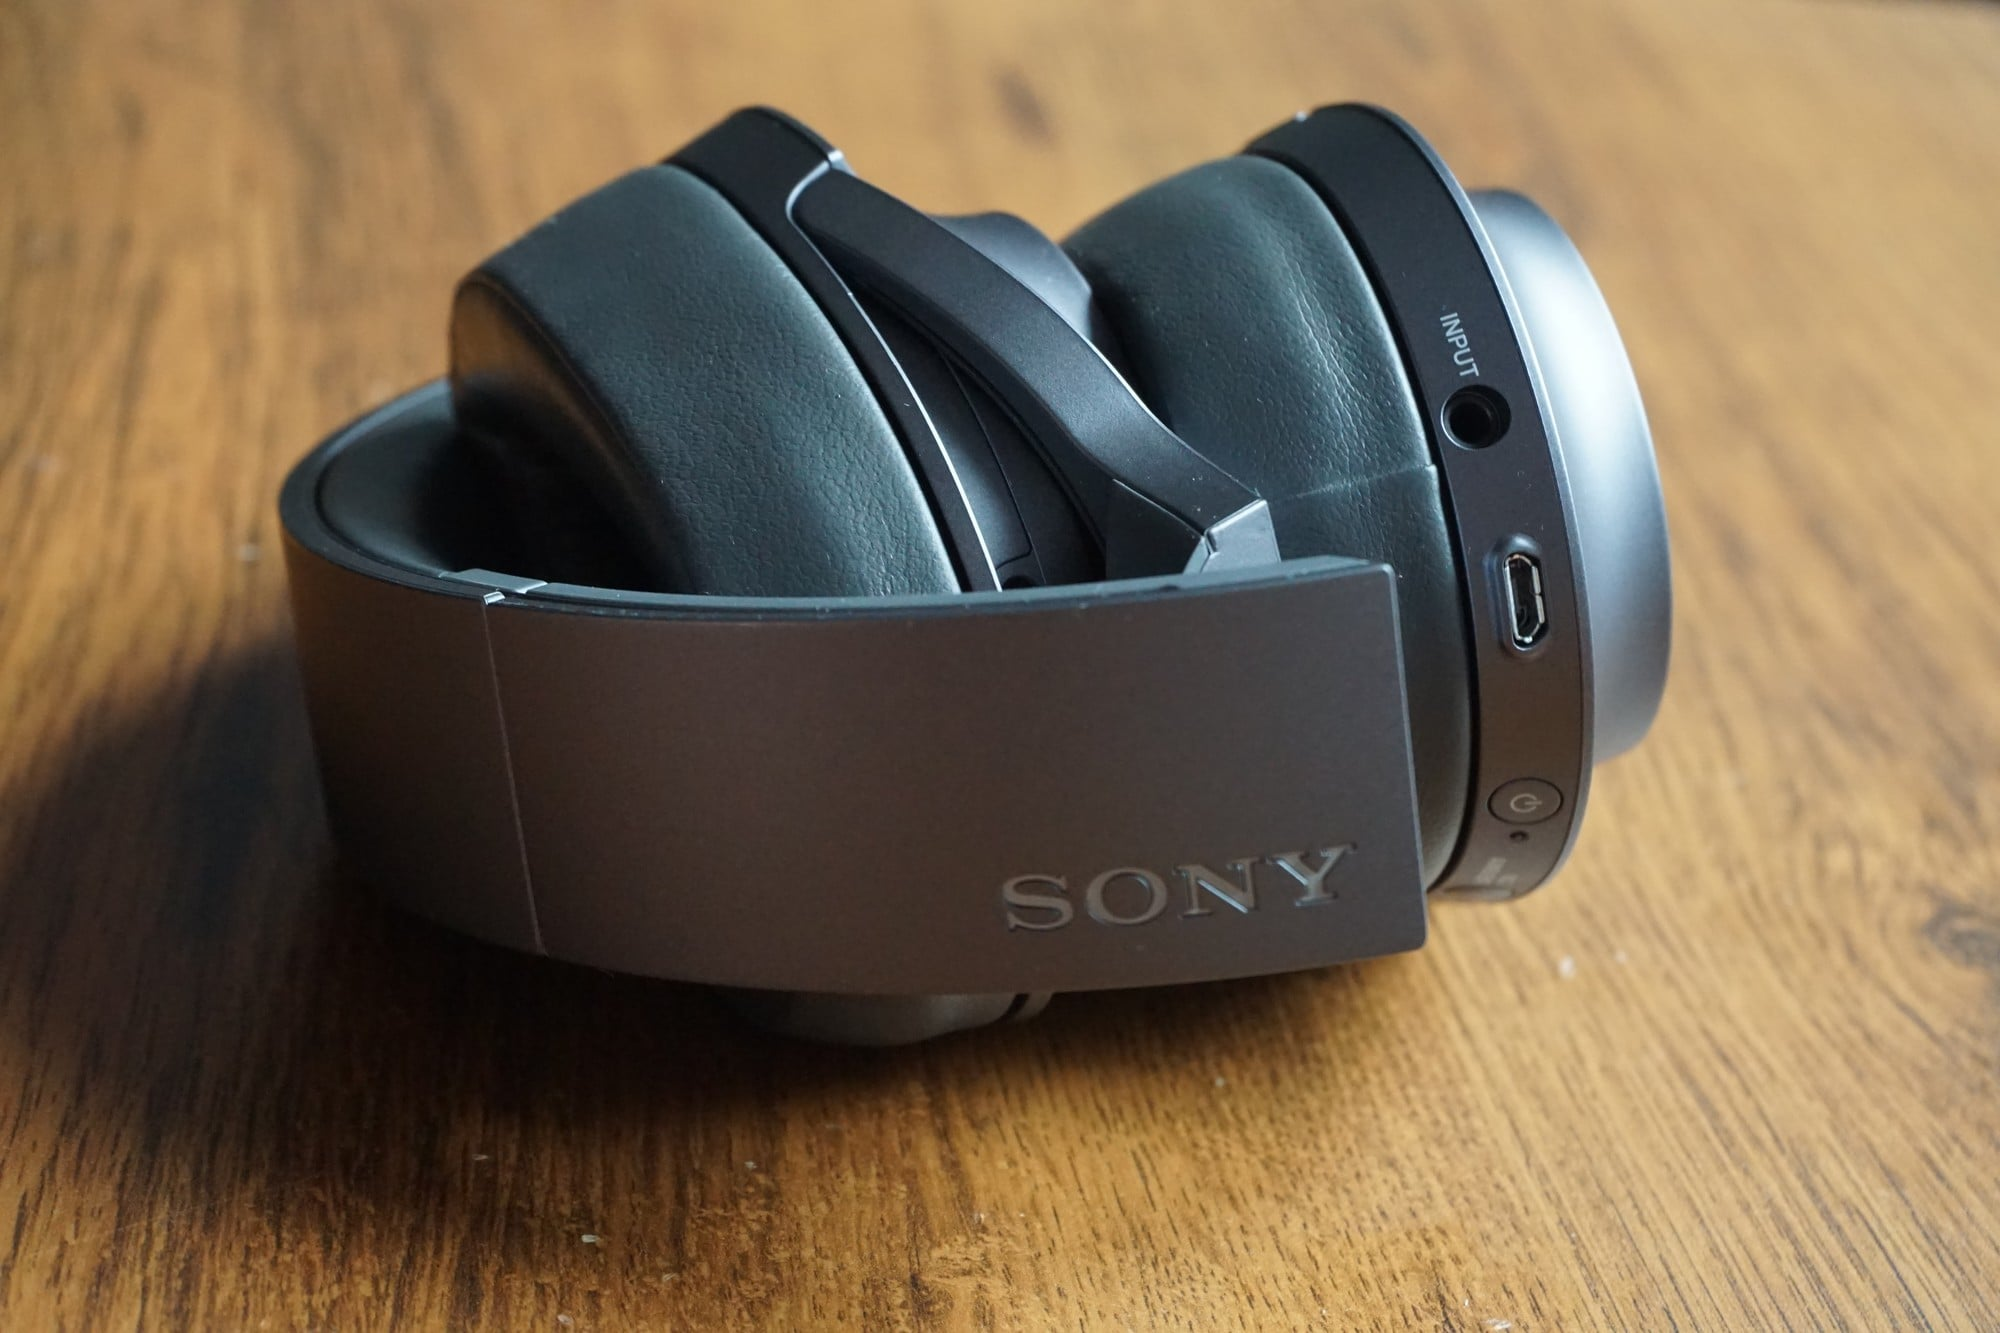 Recenzja Sony h.ear on 2 - kompletne słuchawki mobilne, które nie walczą o tytuł urządzenia idealnego 36